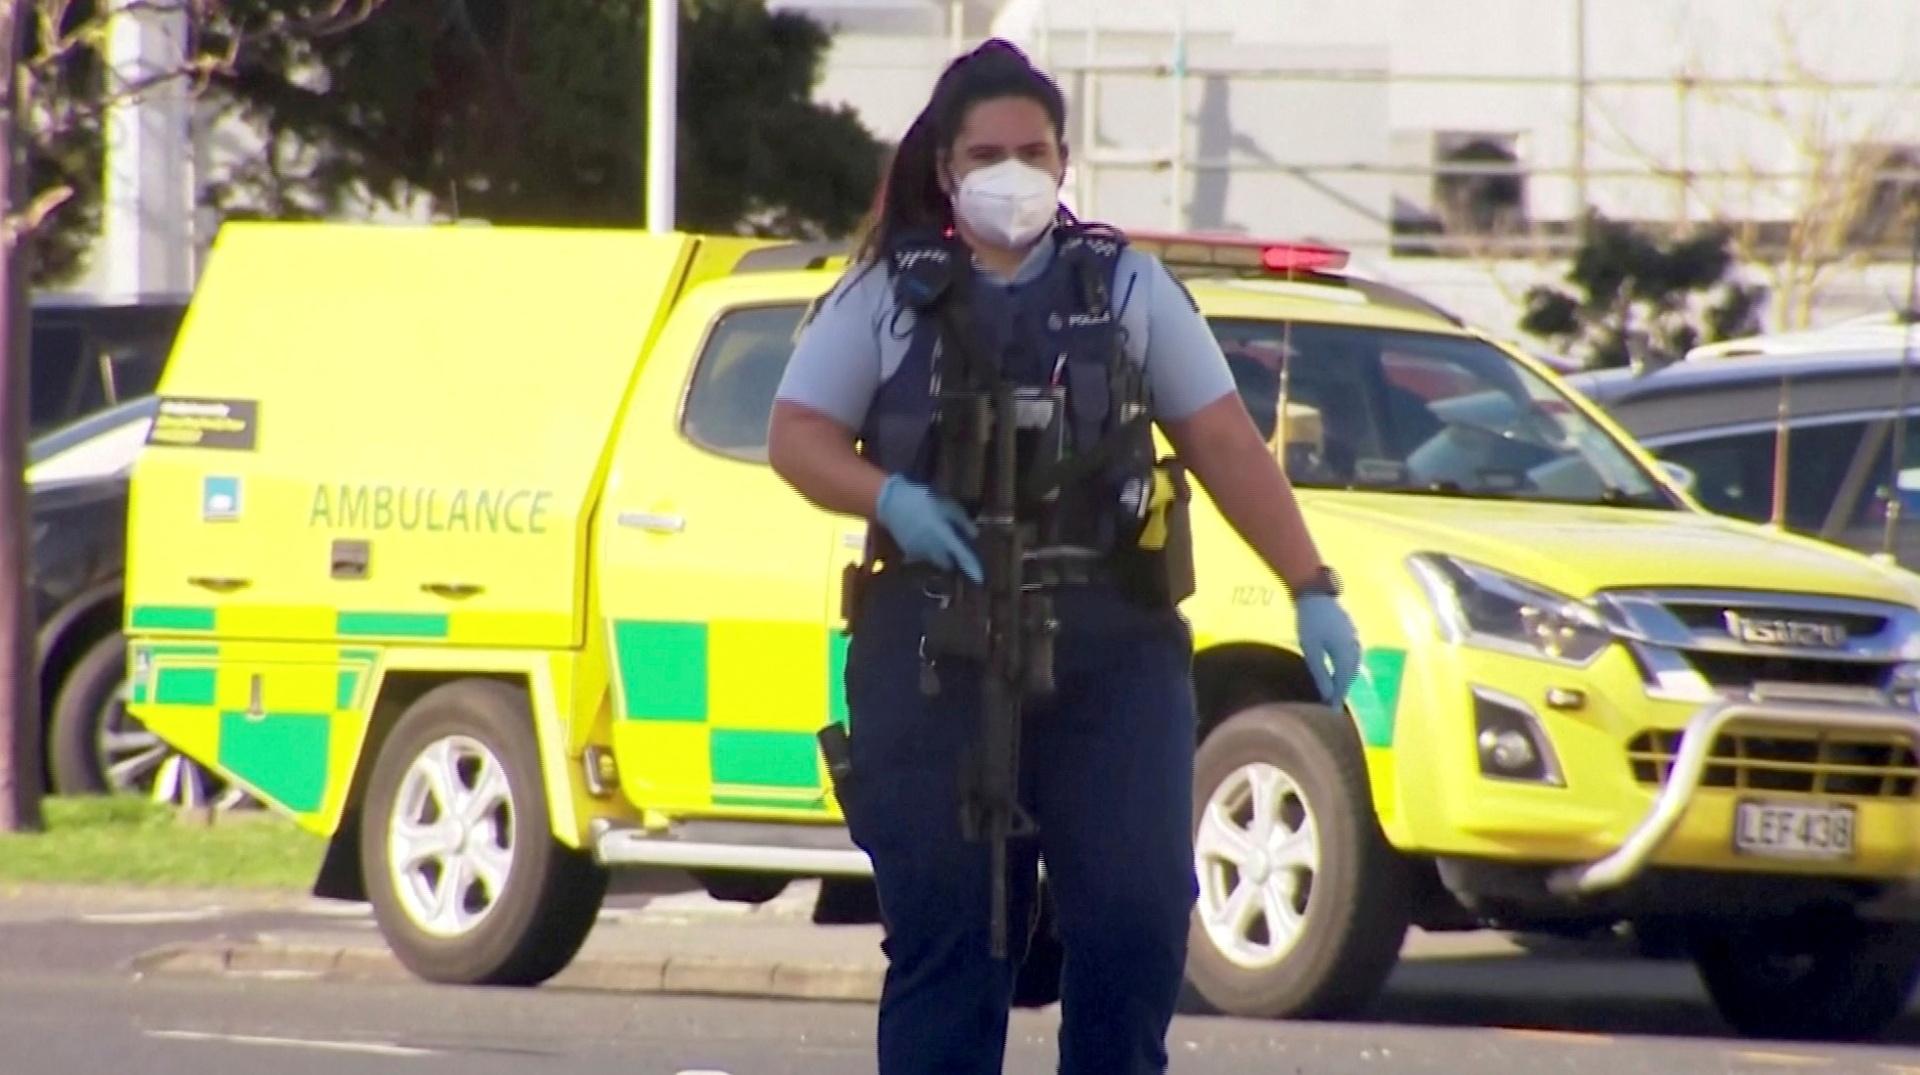 نيوزيلندا حاولت ترحيل منفذ هجوم أوكلاند منذ سنوات (صورة)